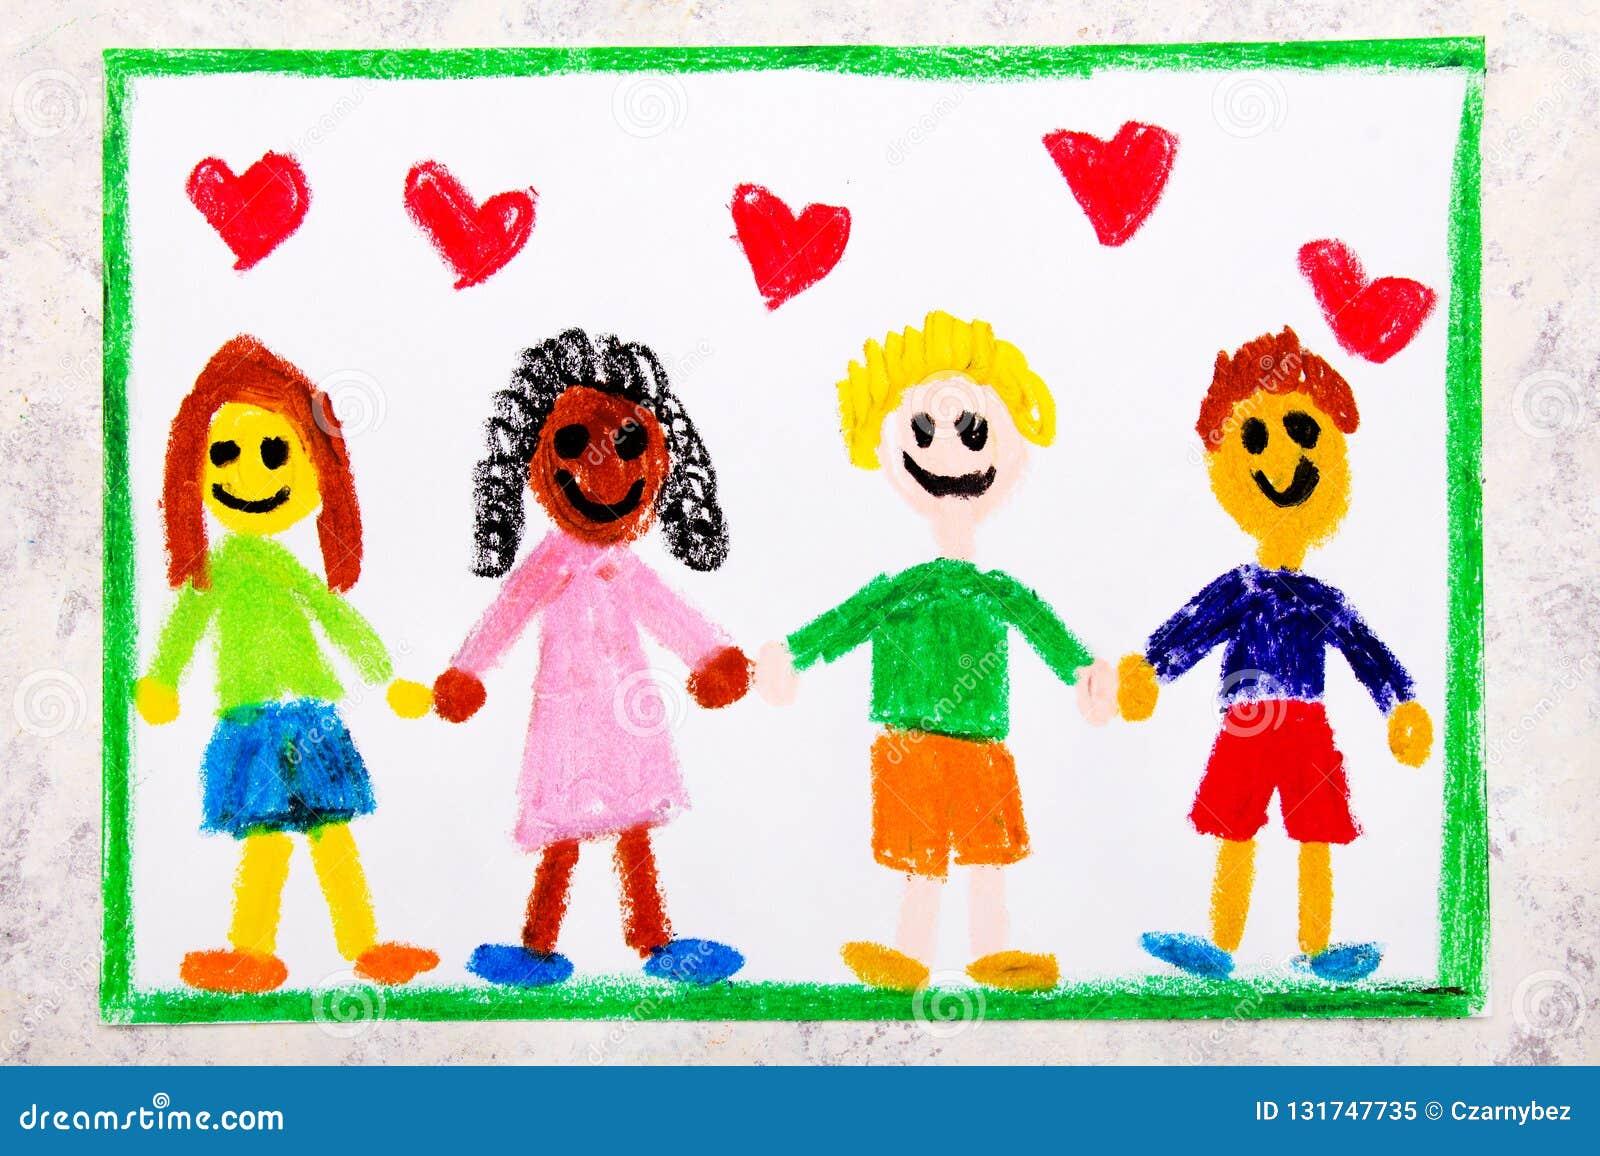 Dibujo Colorido Un Grupo De Amigos Internacionales Felices Stock De